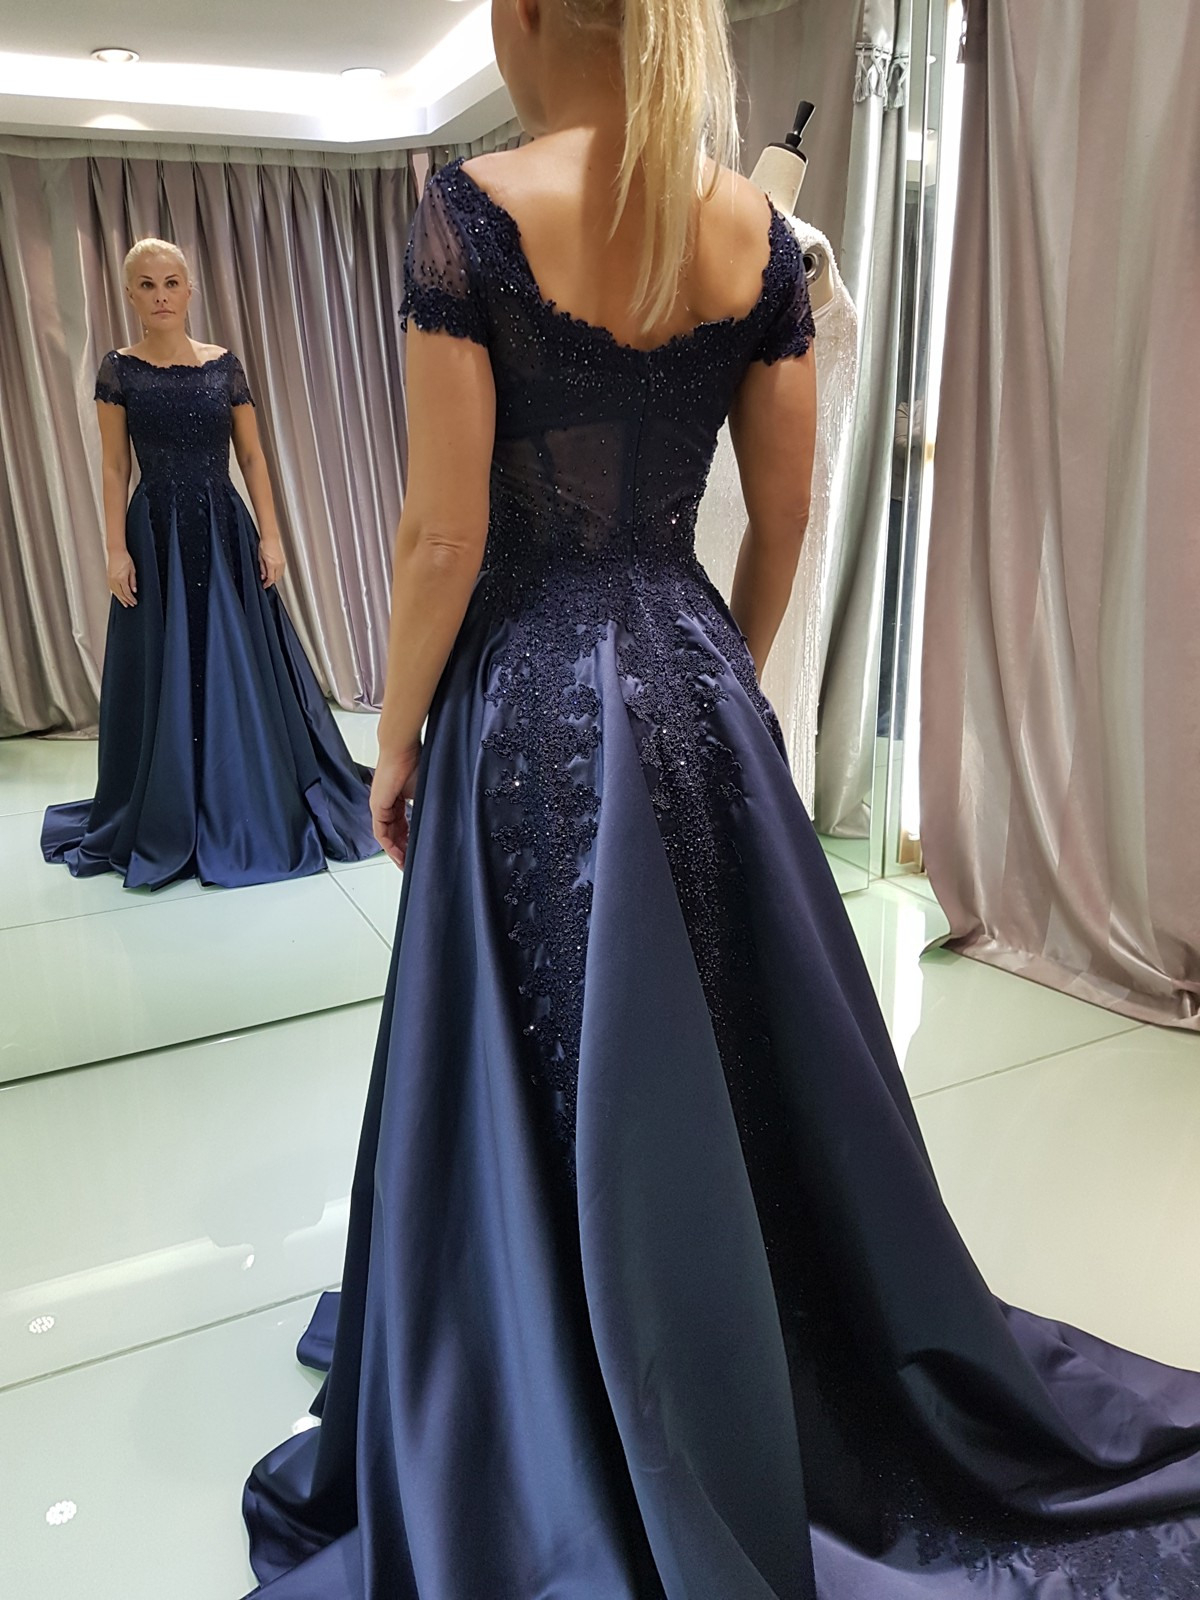 17 Genial Abendkleid Mieten Design17 Einzigartig Abendkleid Mieten für 2019